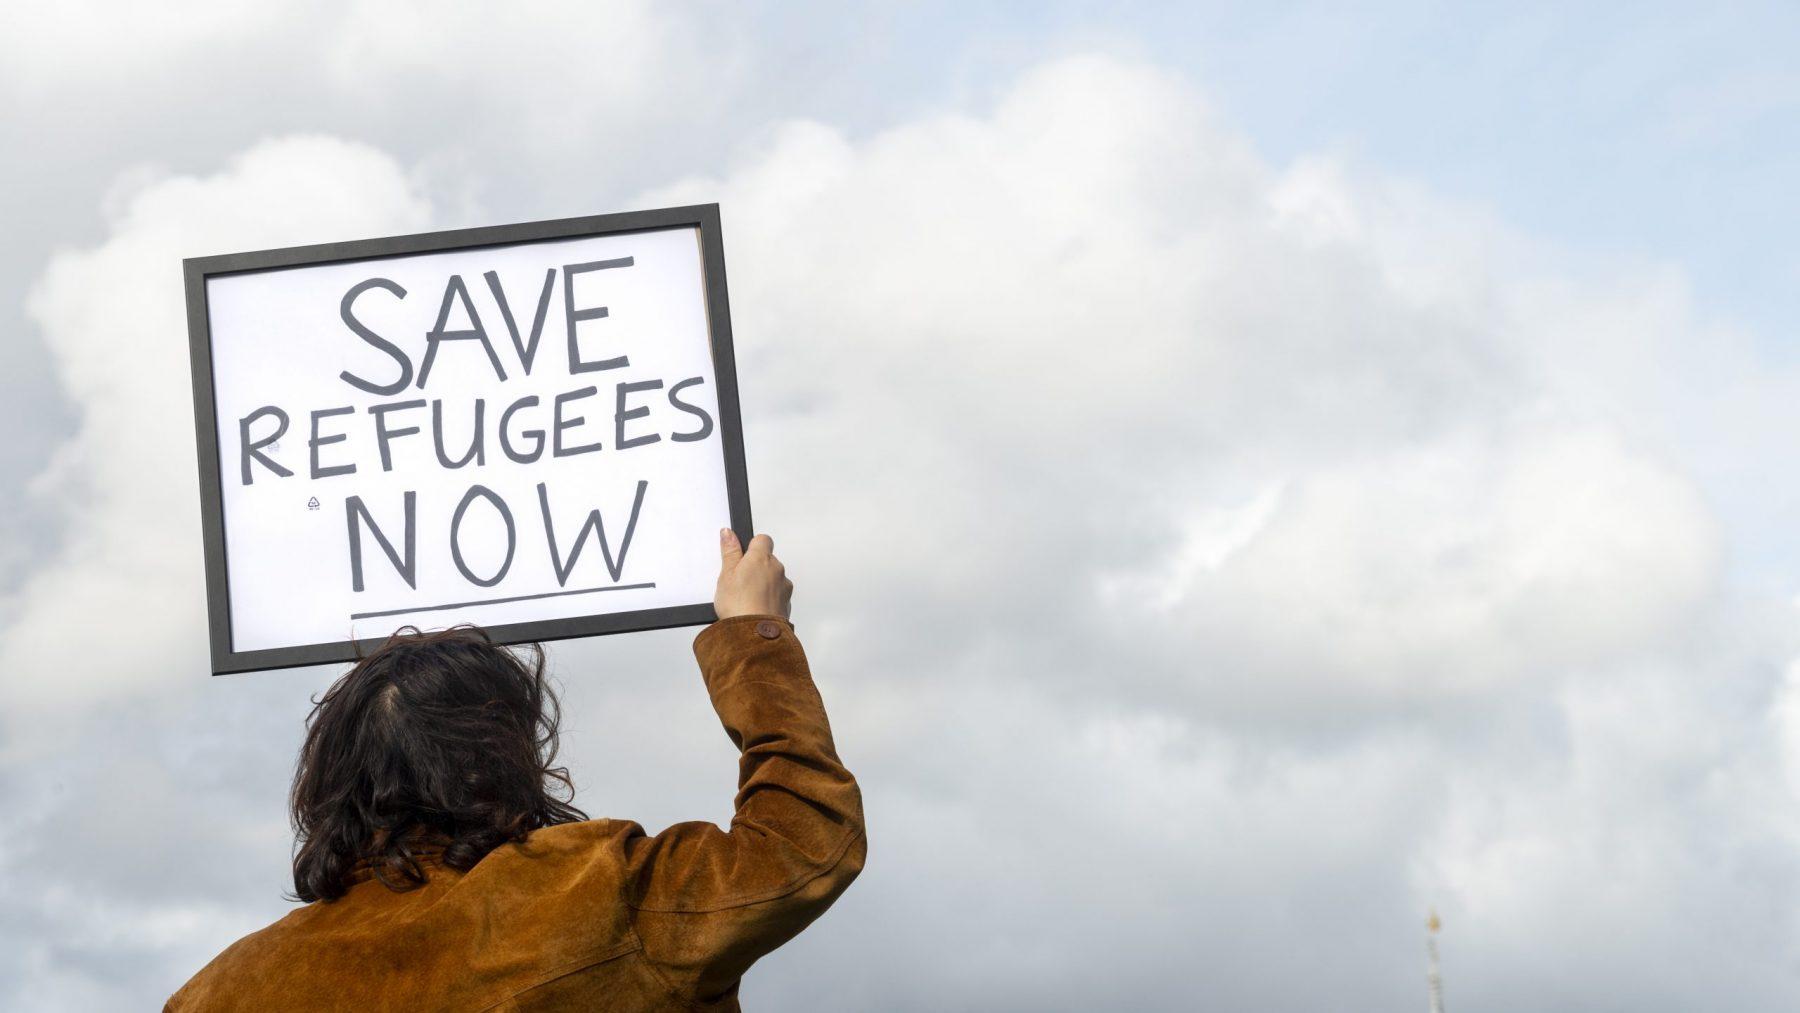 Kabinet schiet te kort in zaak-Moria volgens VluchtelingenWerk